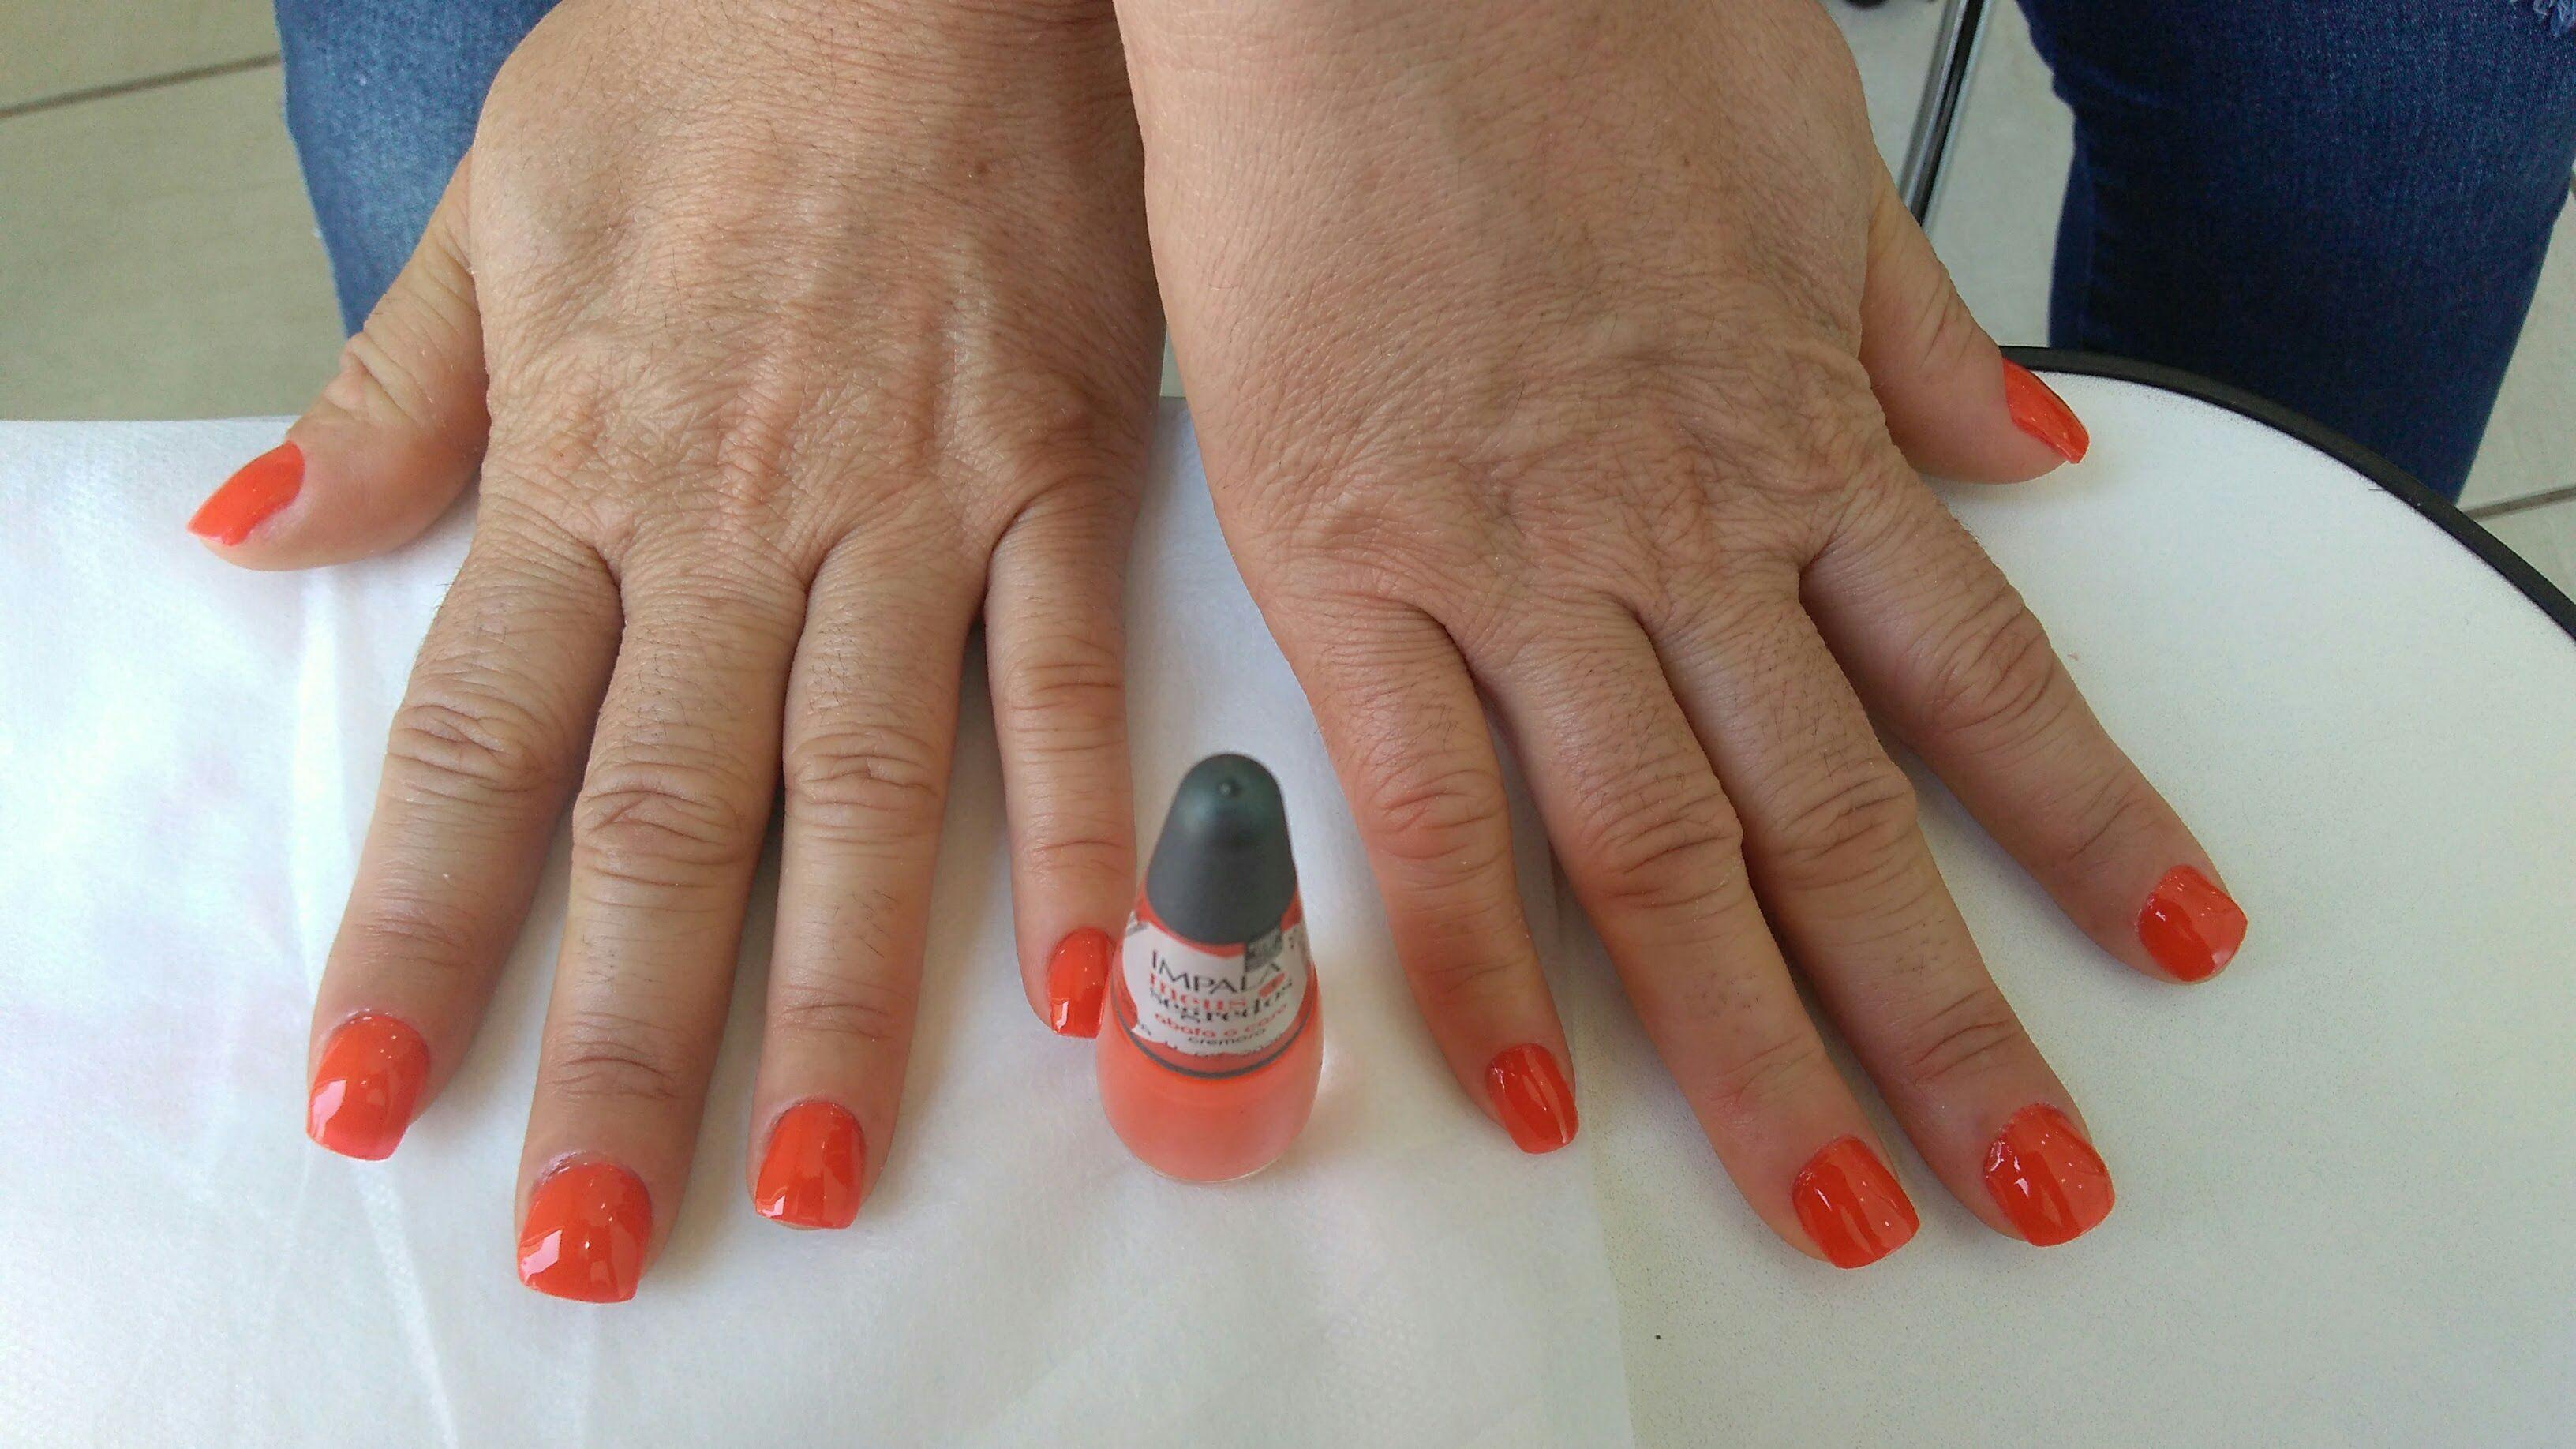 unha manicure e pedicure manicure e pedicure manicure e pedicure